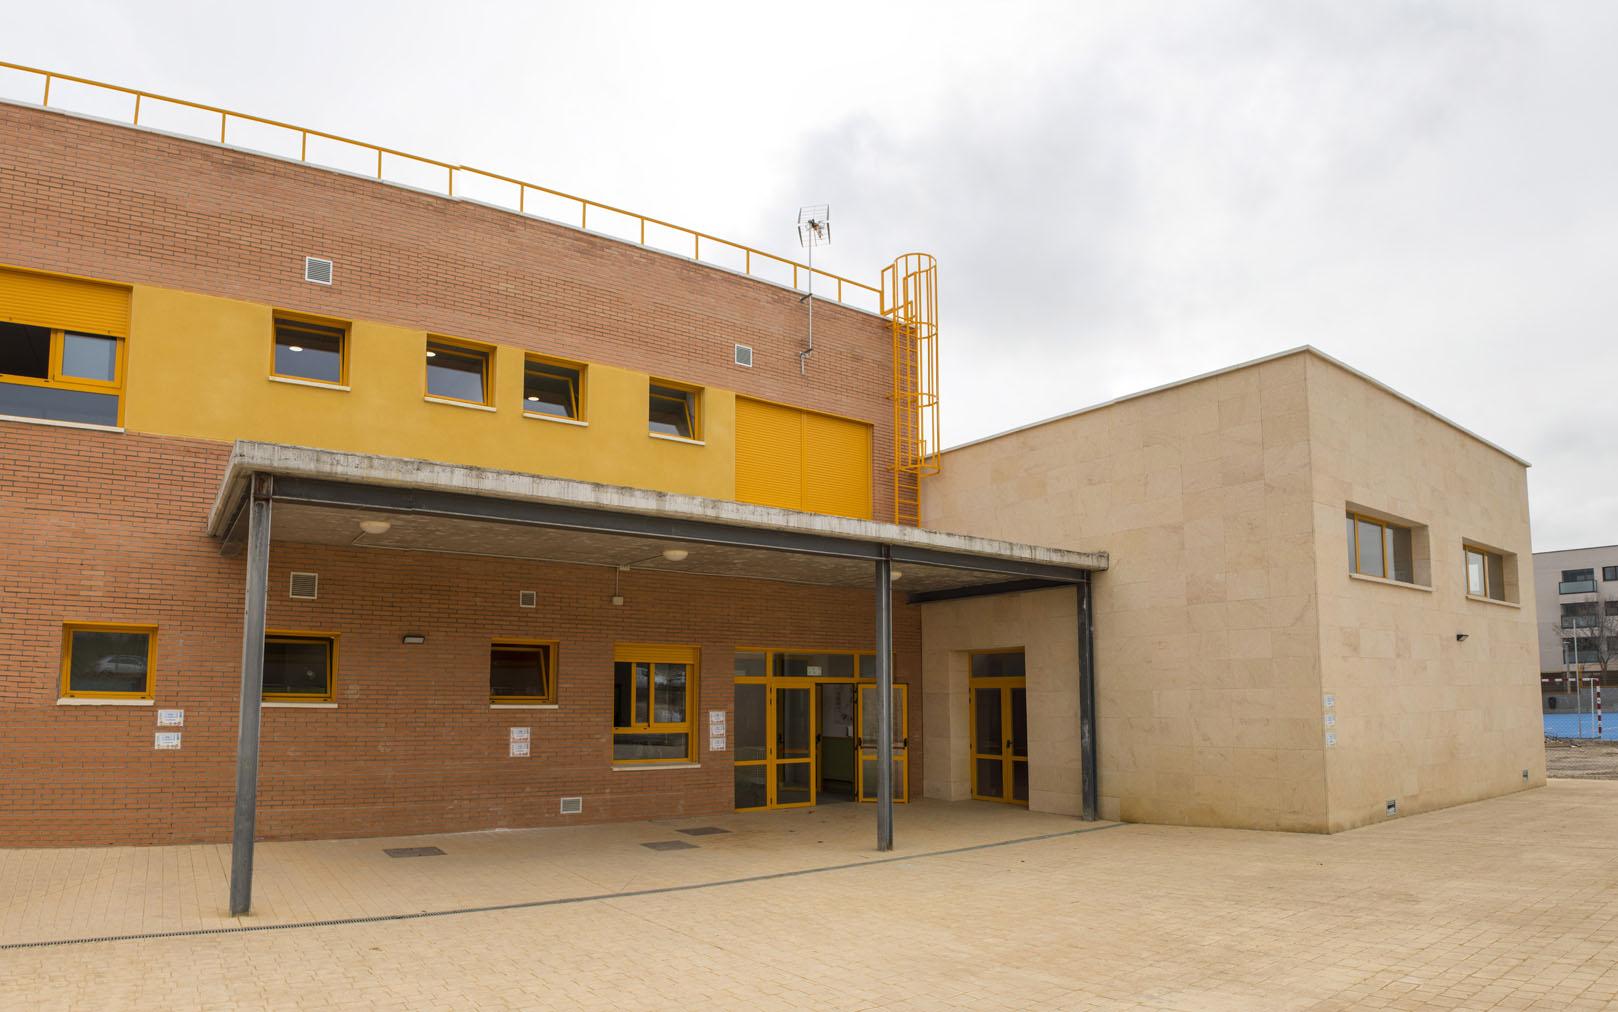 http://www.colegiotempranales.com/images/tempranales/centro/galeria/EdificioPrimaria.jpg